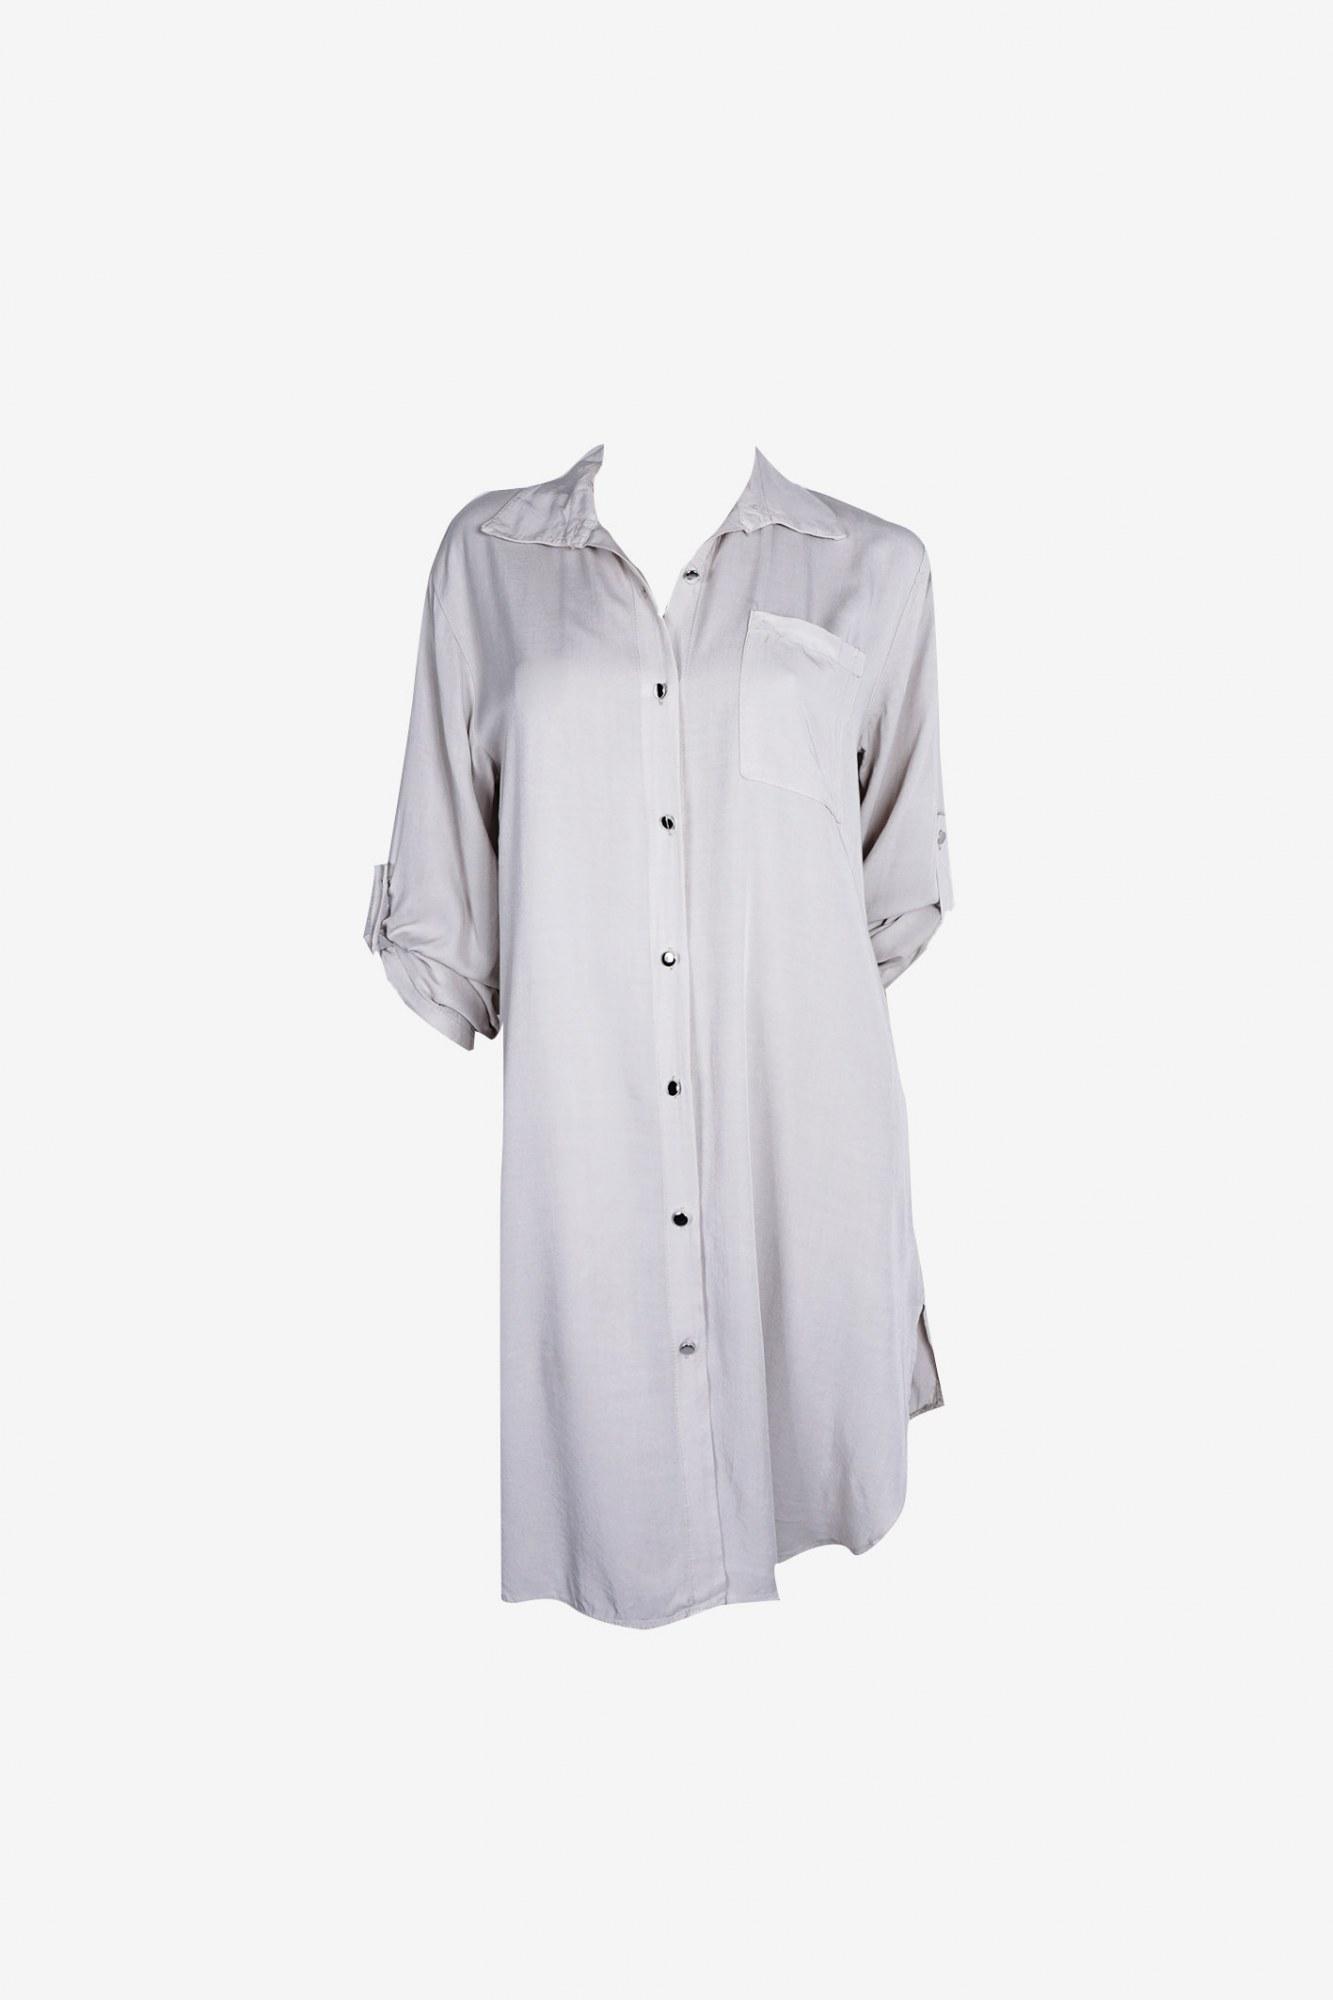 Φόρεμα μπεζ με κουμπιά και τσέπη · Φόρεμα μπεζ με κουμπιά και τσέπη ... 41793e7e552